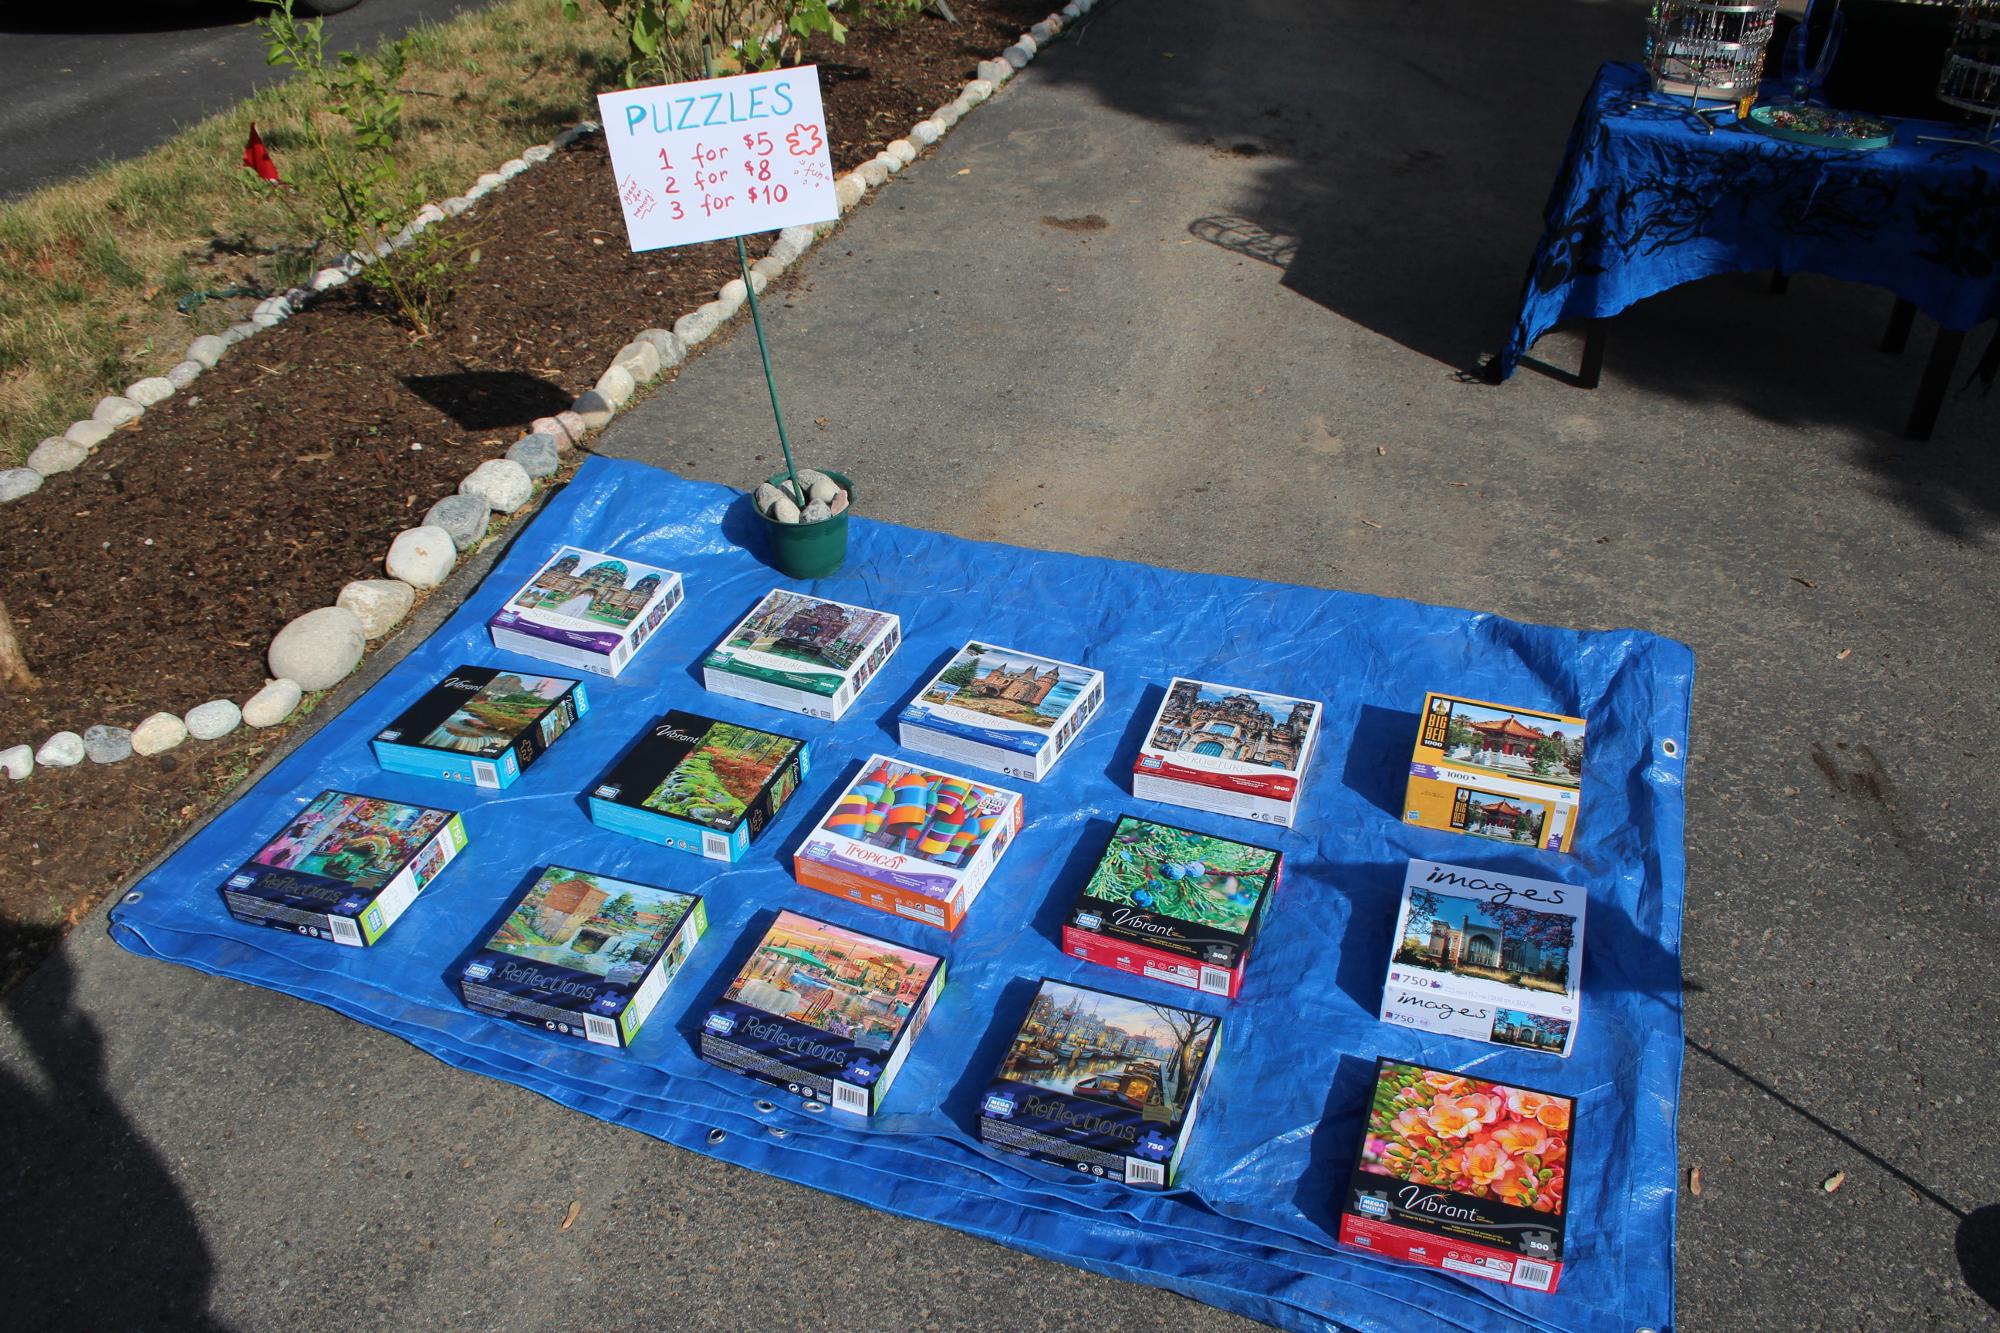 sale_puzzles